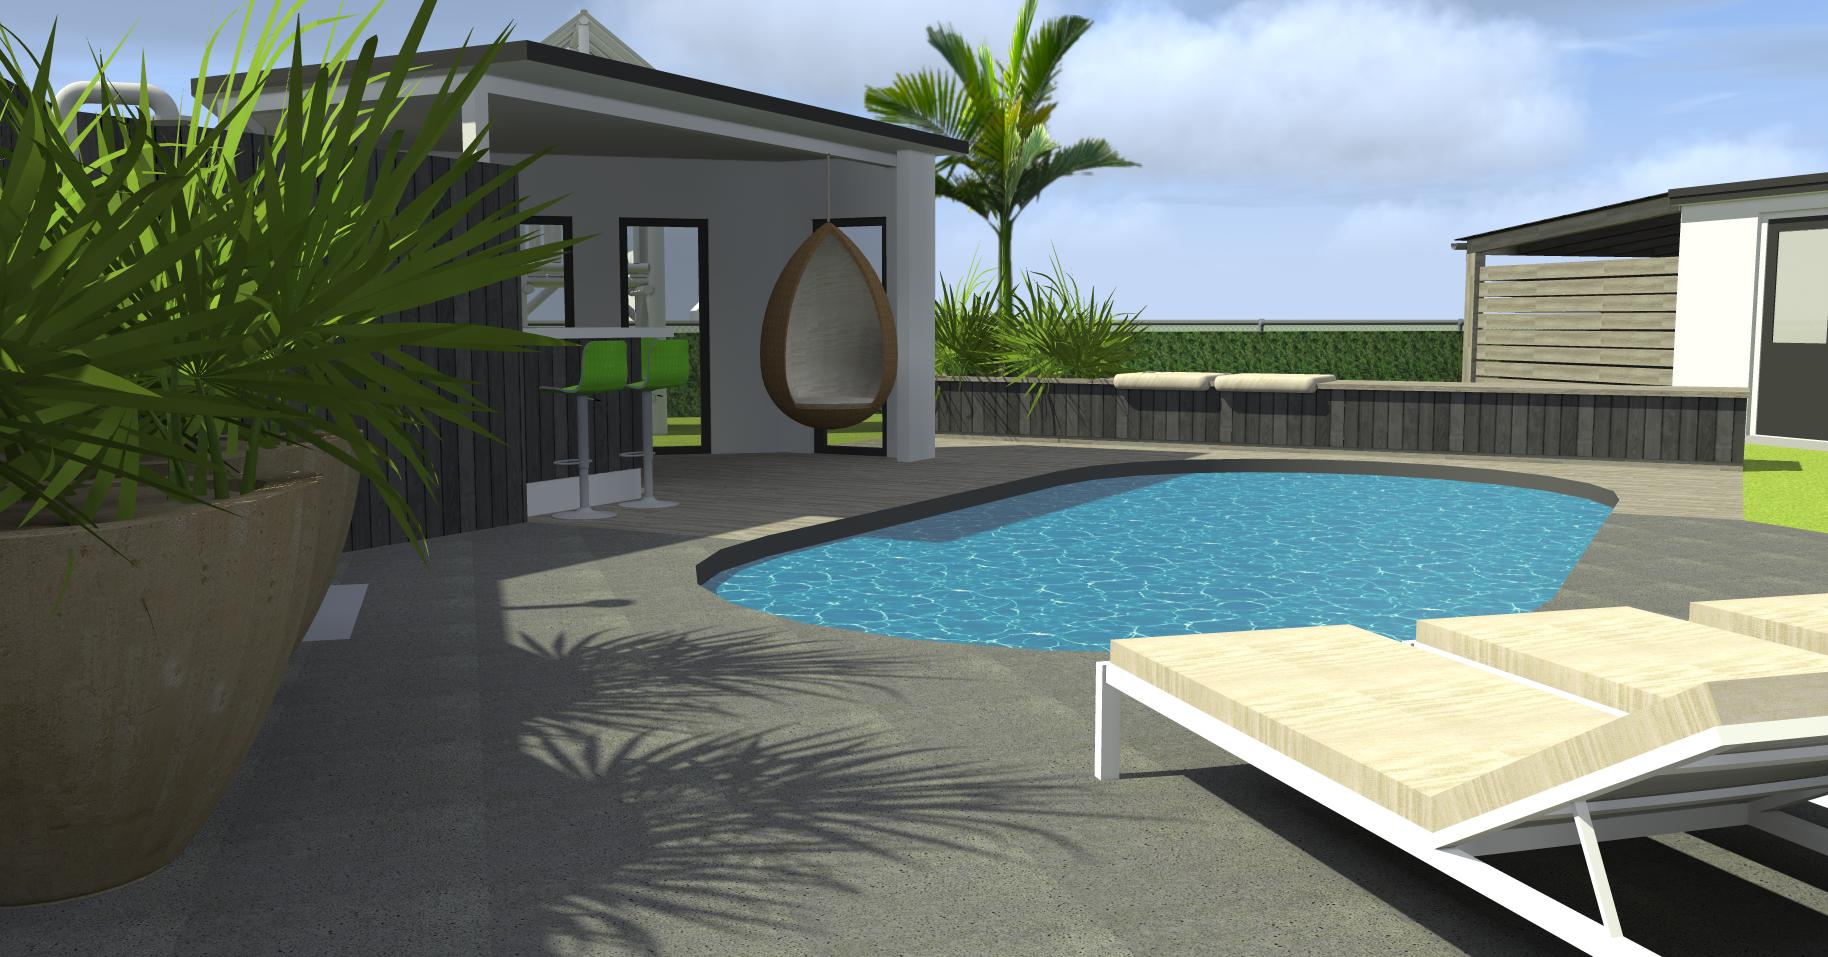 achtertuin met zwembad en buitenverblijf (4)